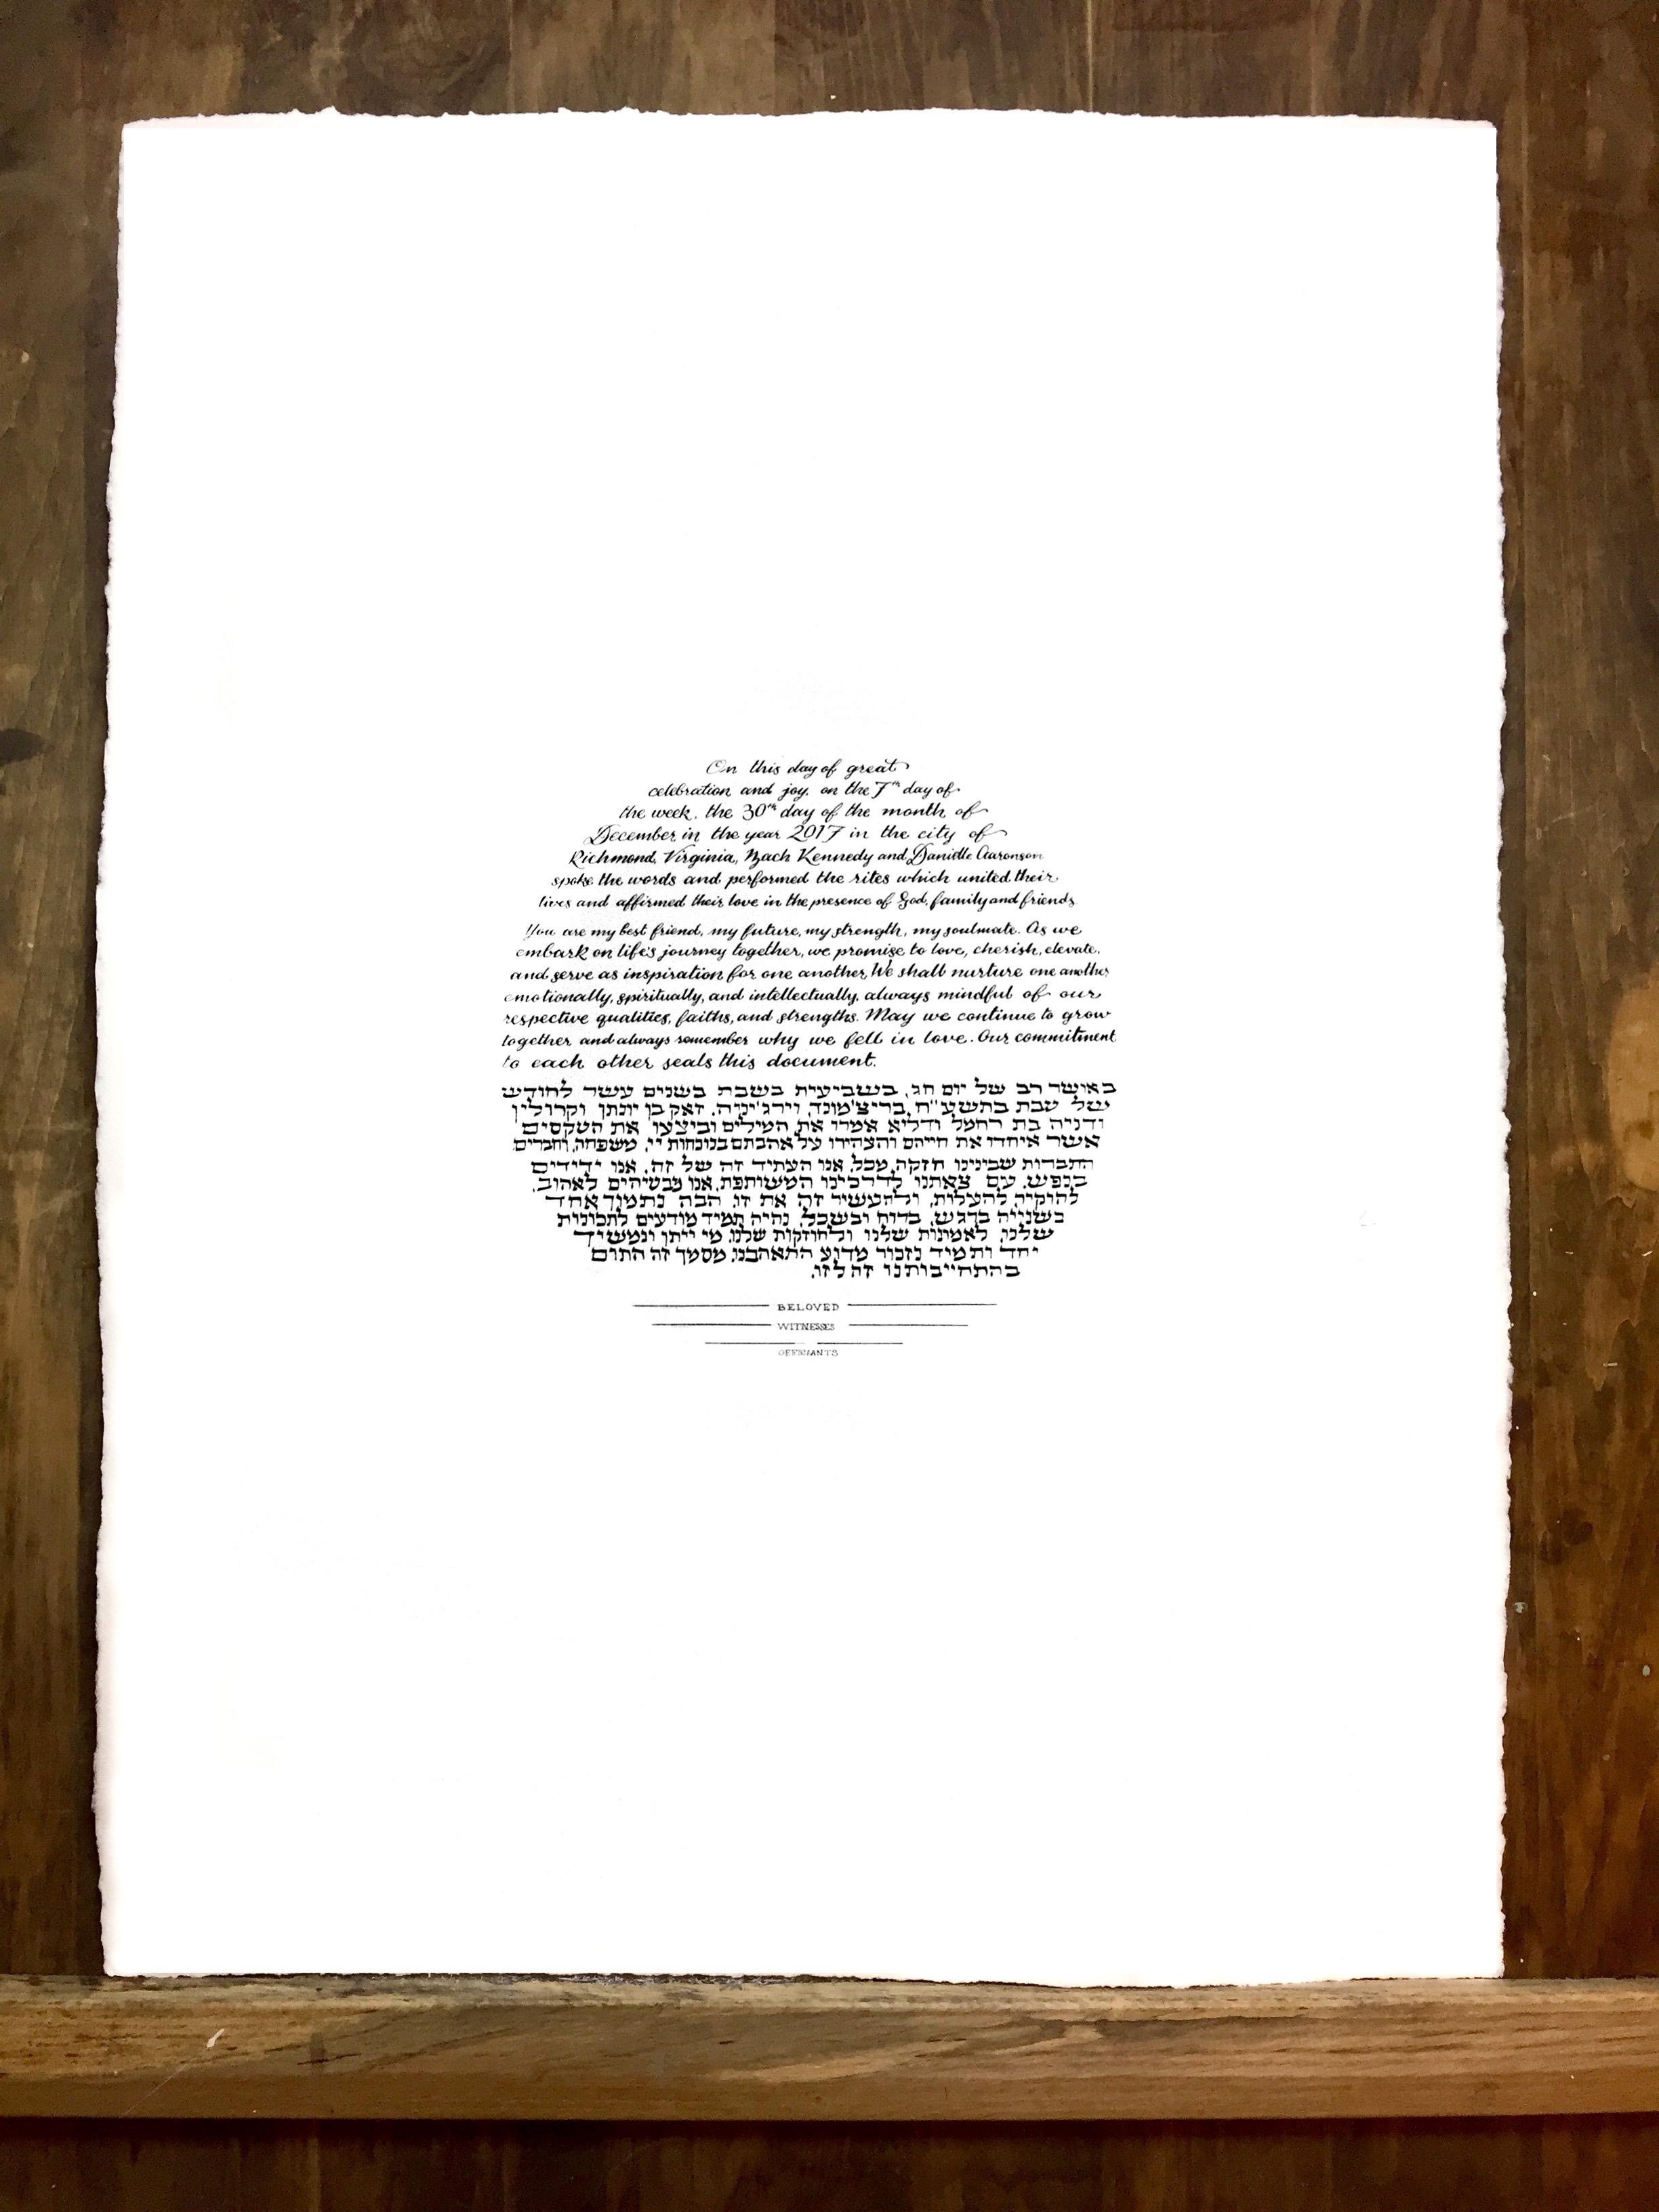 Final design, click to enlarge